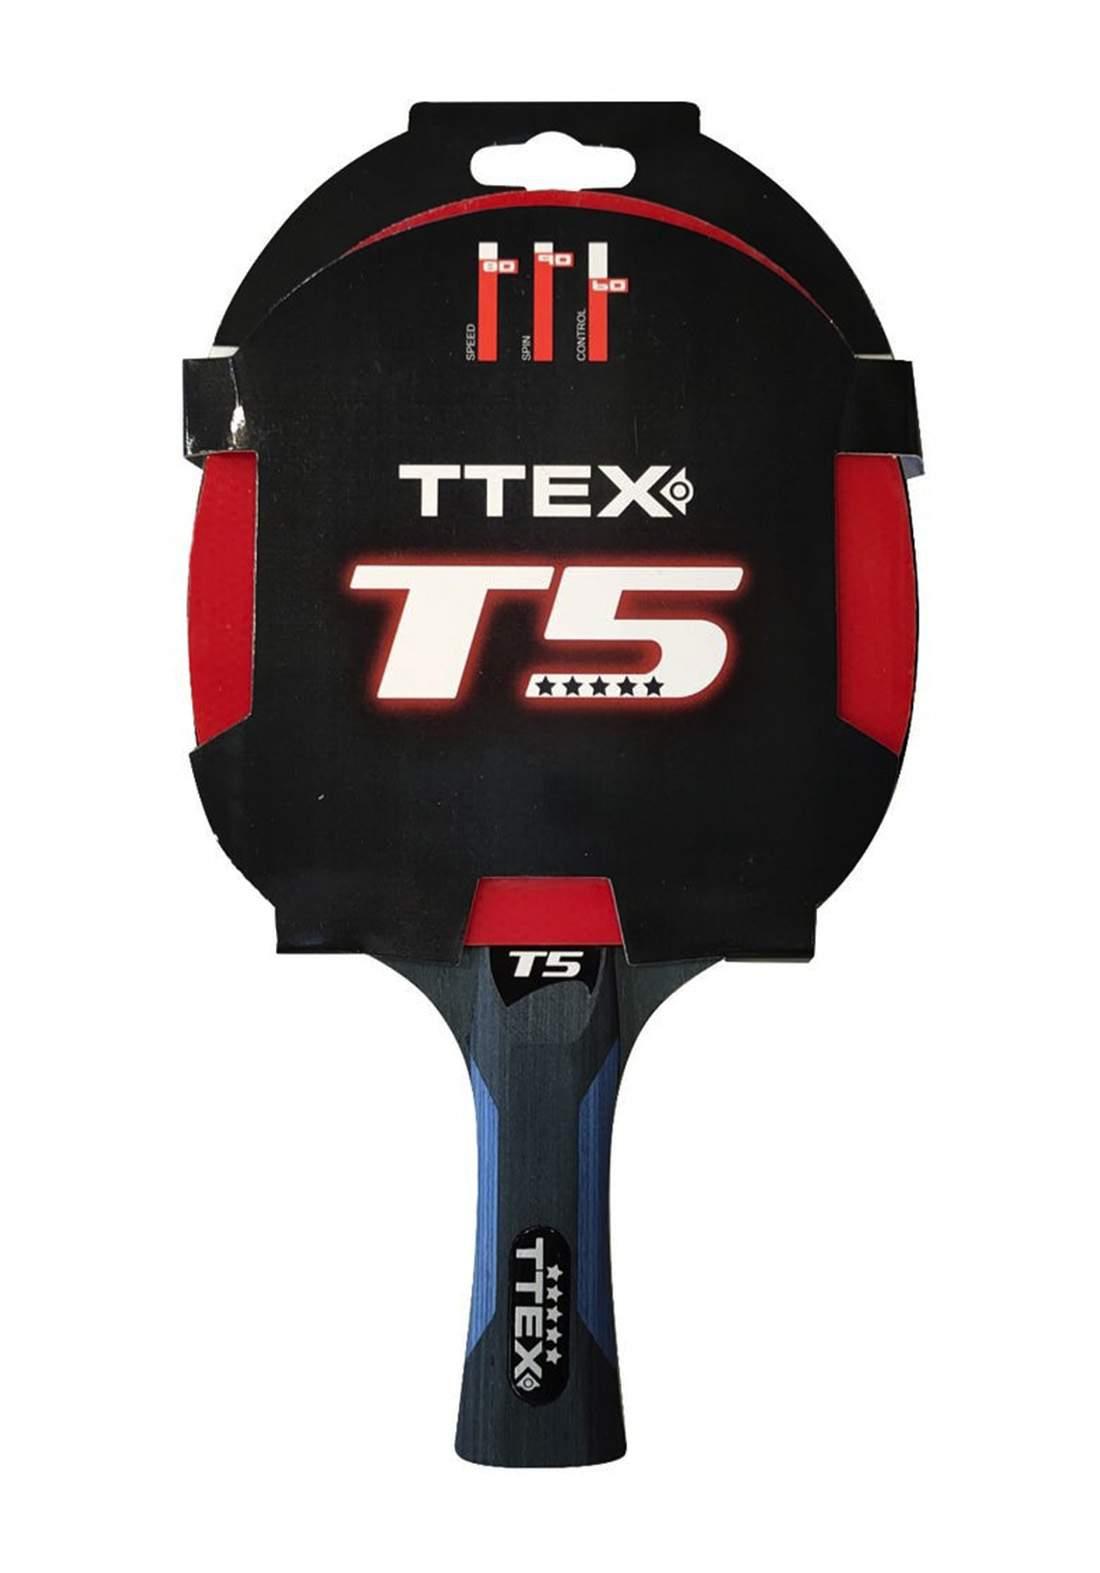 TTEX T5 مضرب تنس طاولة